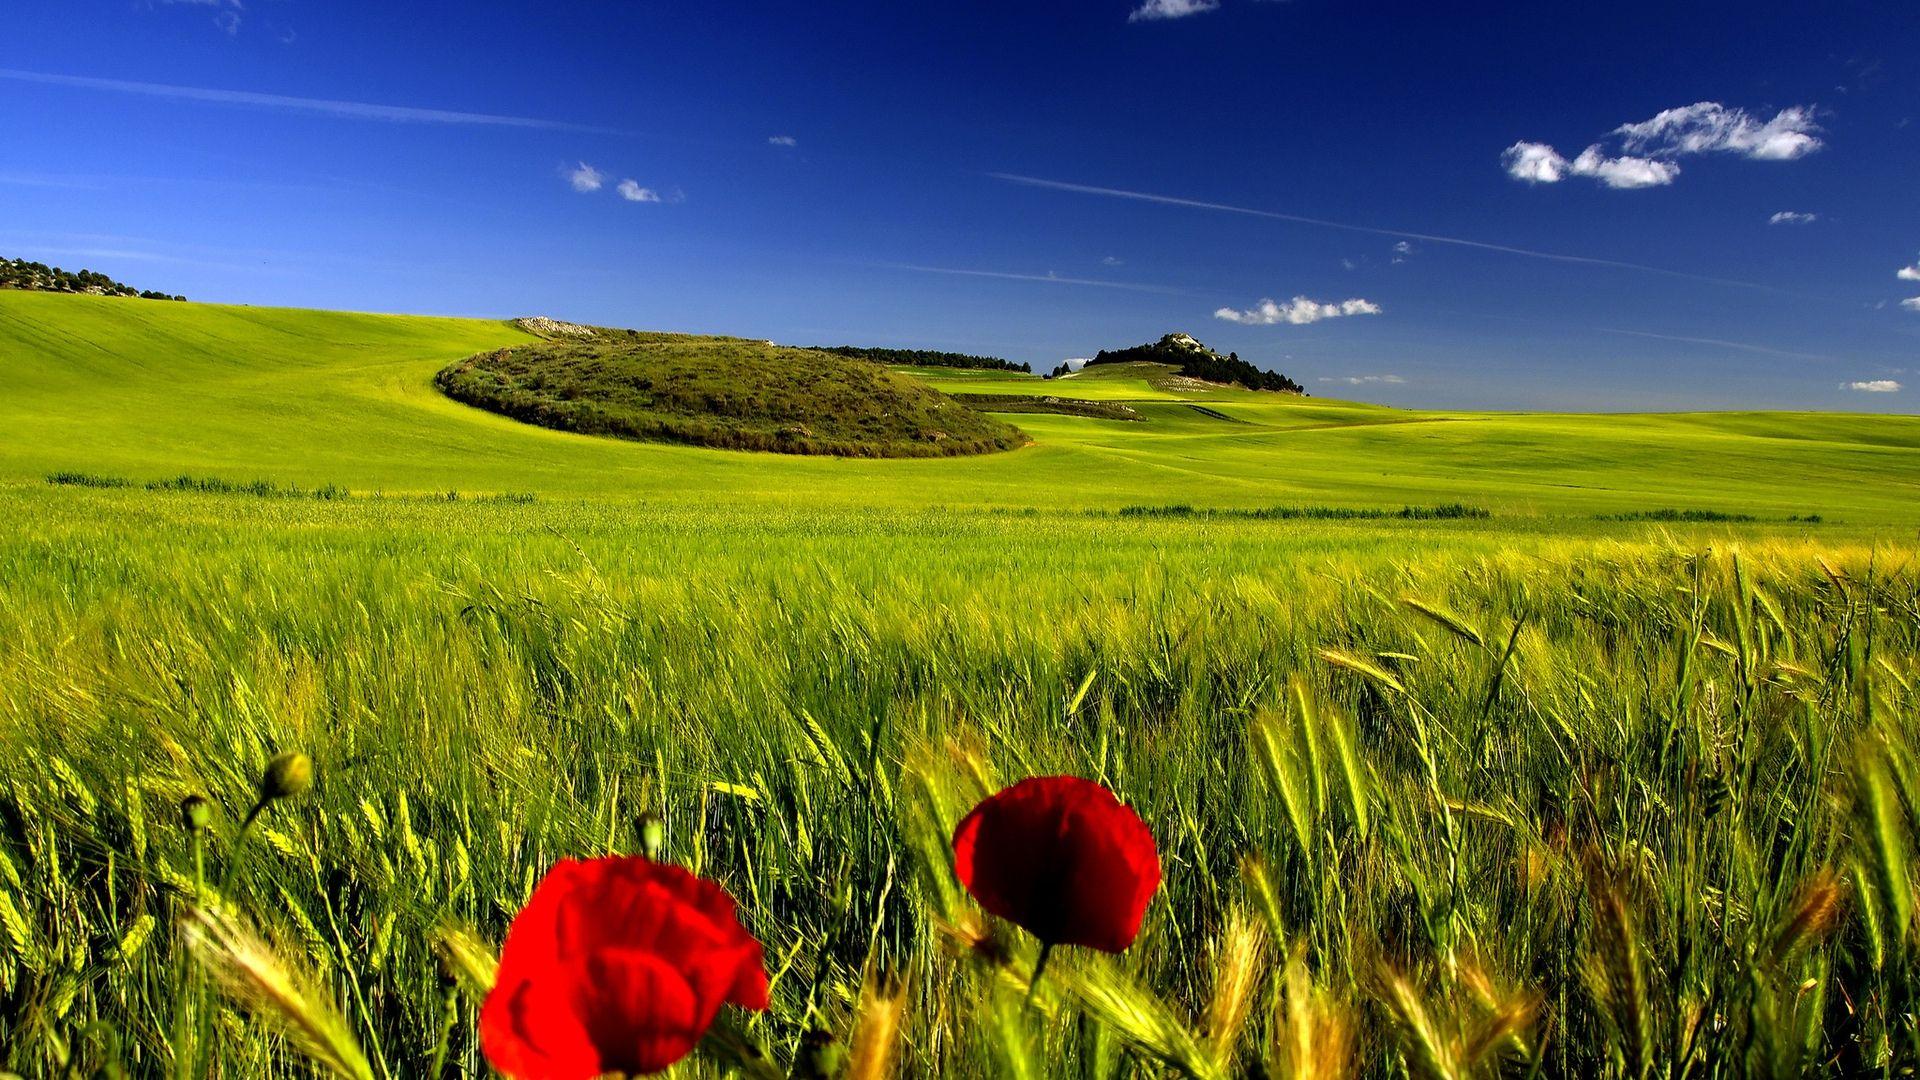 Hd wallpaper download nature - Hd Wallpaper Download Nature Wallpapers Hd Free Download 6986 Hd Wallpaper 3d